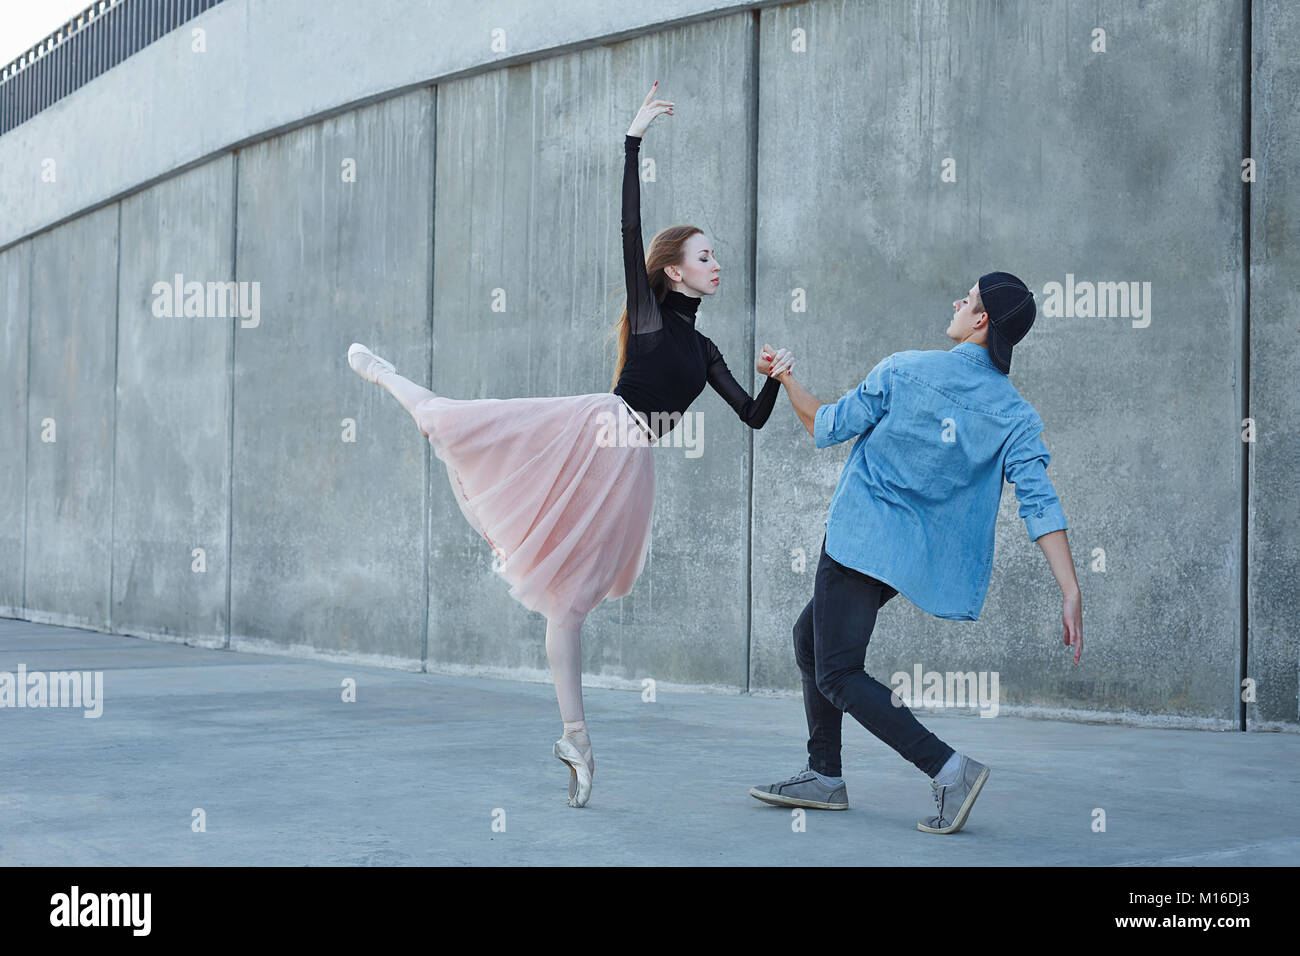 Schlanke Ballerina tanzt mit einem modernen Tänzer. Tag der Liebenden. Leistung in den Straßen der Stadt. Stockbild